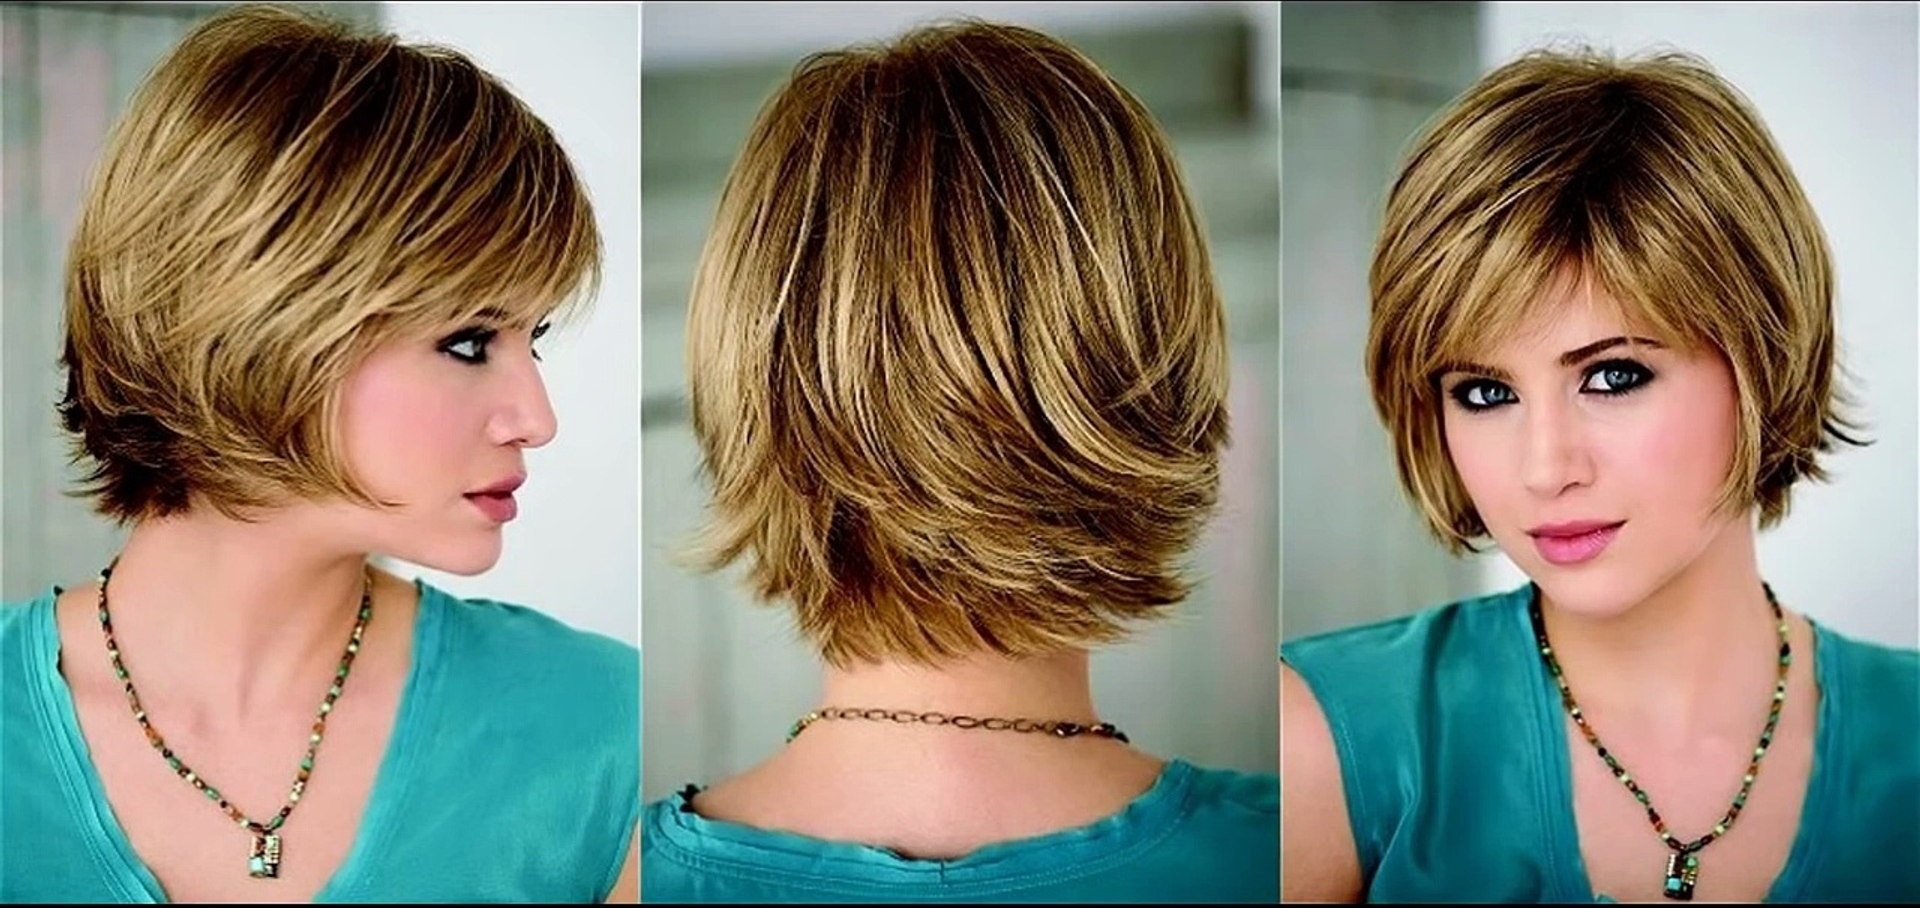 Inspire-se! É o ano do cabelo curto - PITACOS E ACHADOS